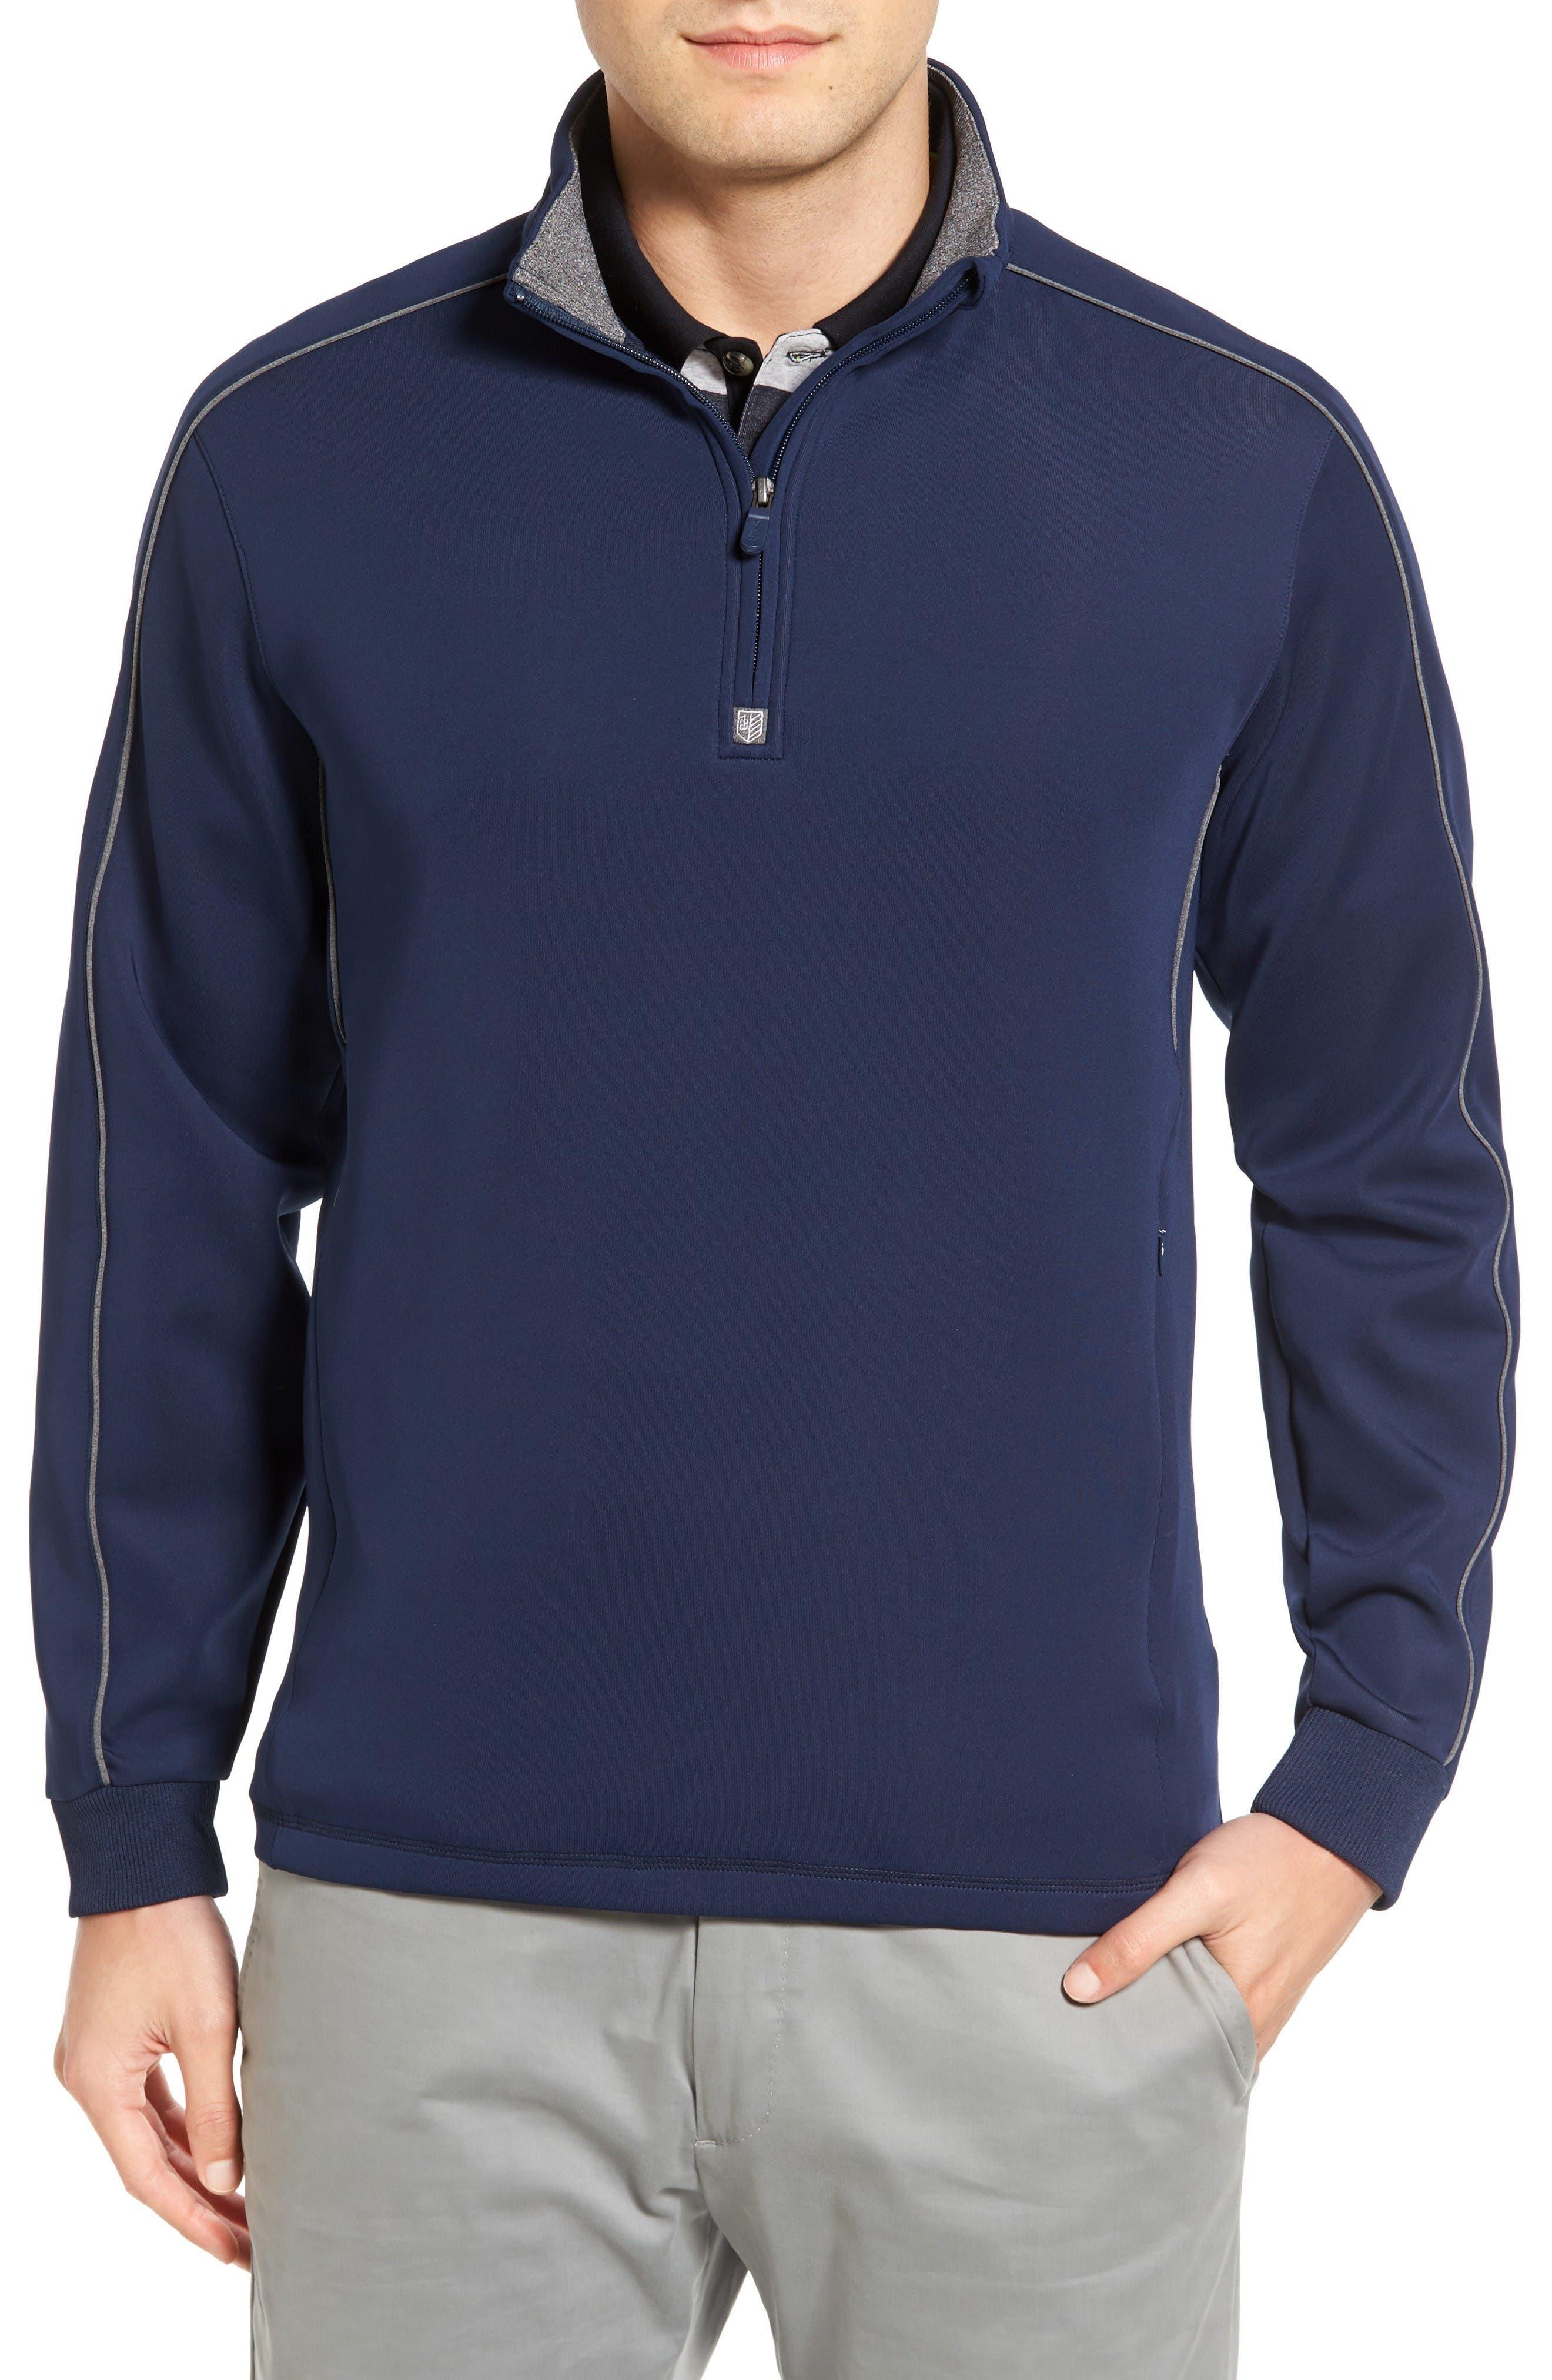 Alternate Image 1 Selected - Bobby Jones Tech Quarter Zip Pullover